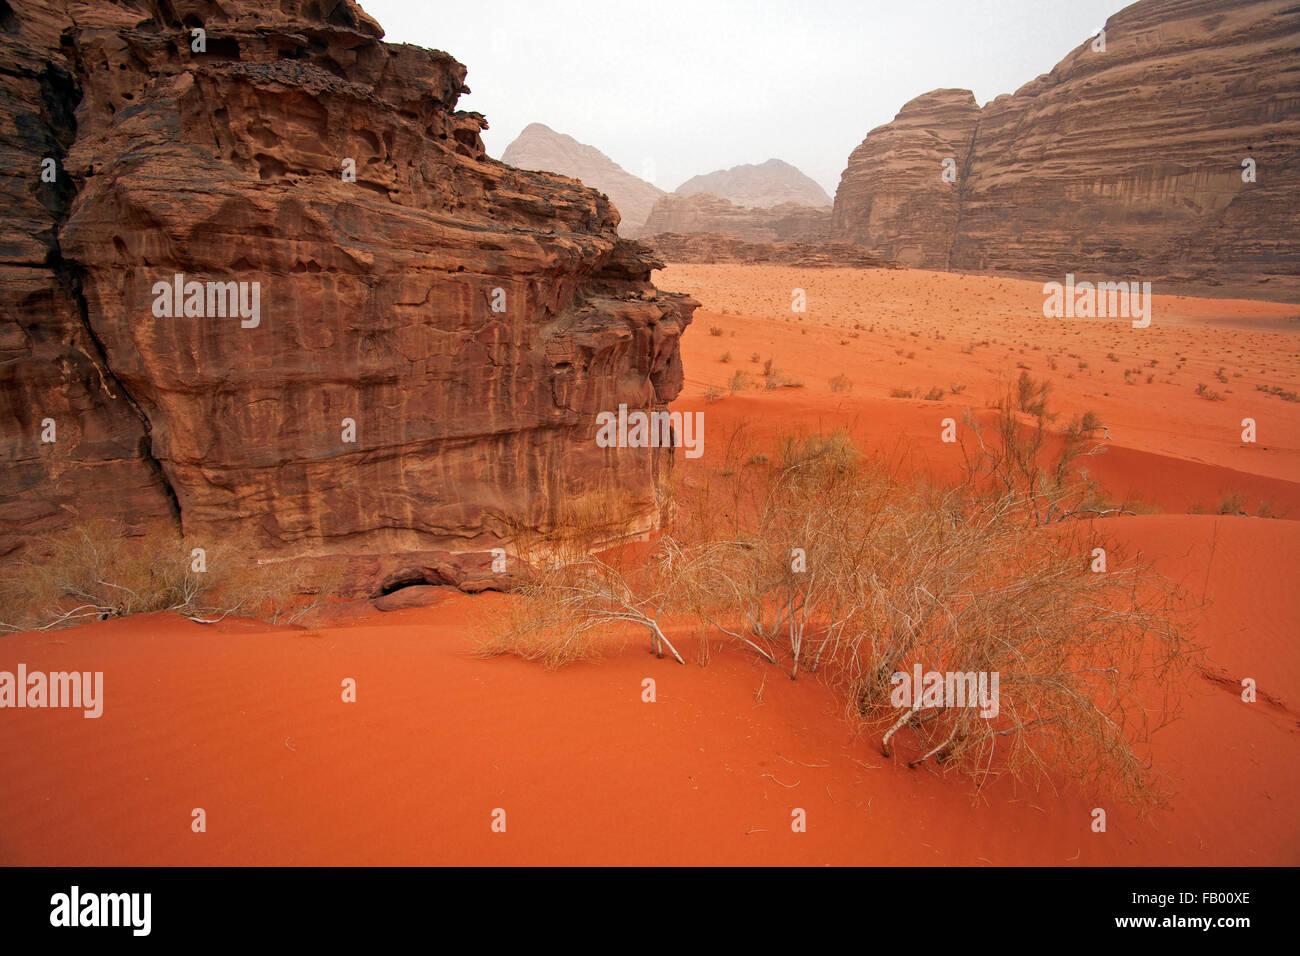 Formation rocheuse de grès érodées dans le désert de Wadi Rum / La Vallée de la lune, dans Photo Stock